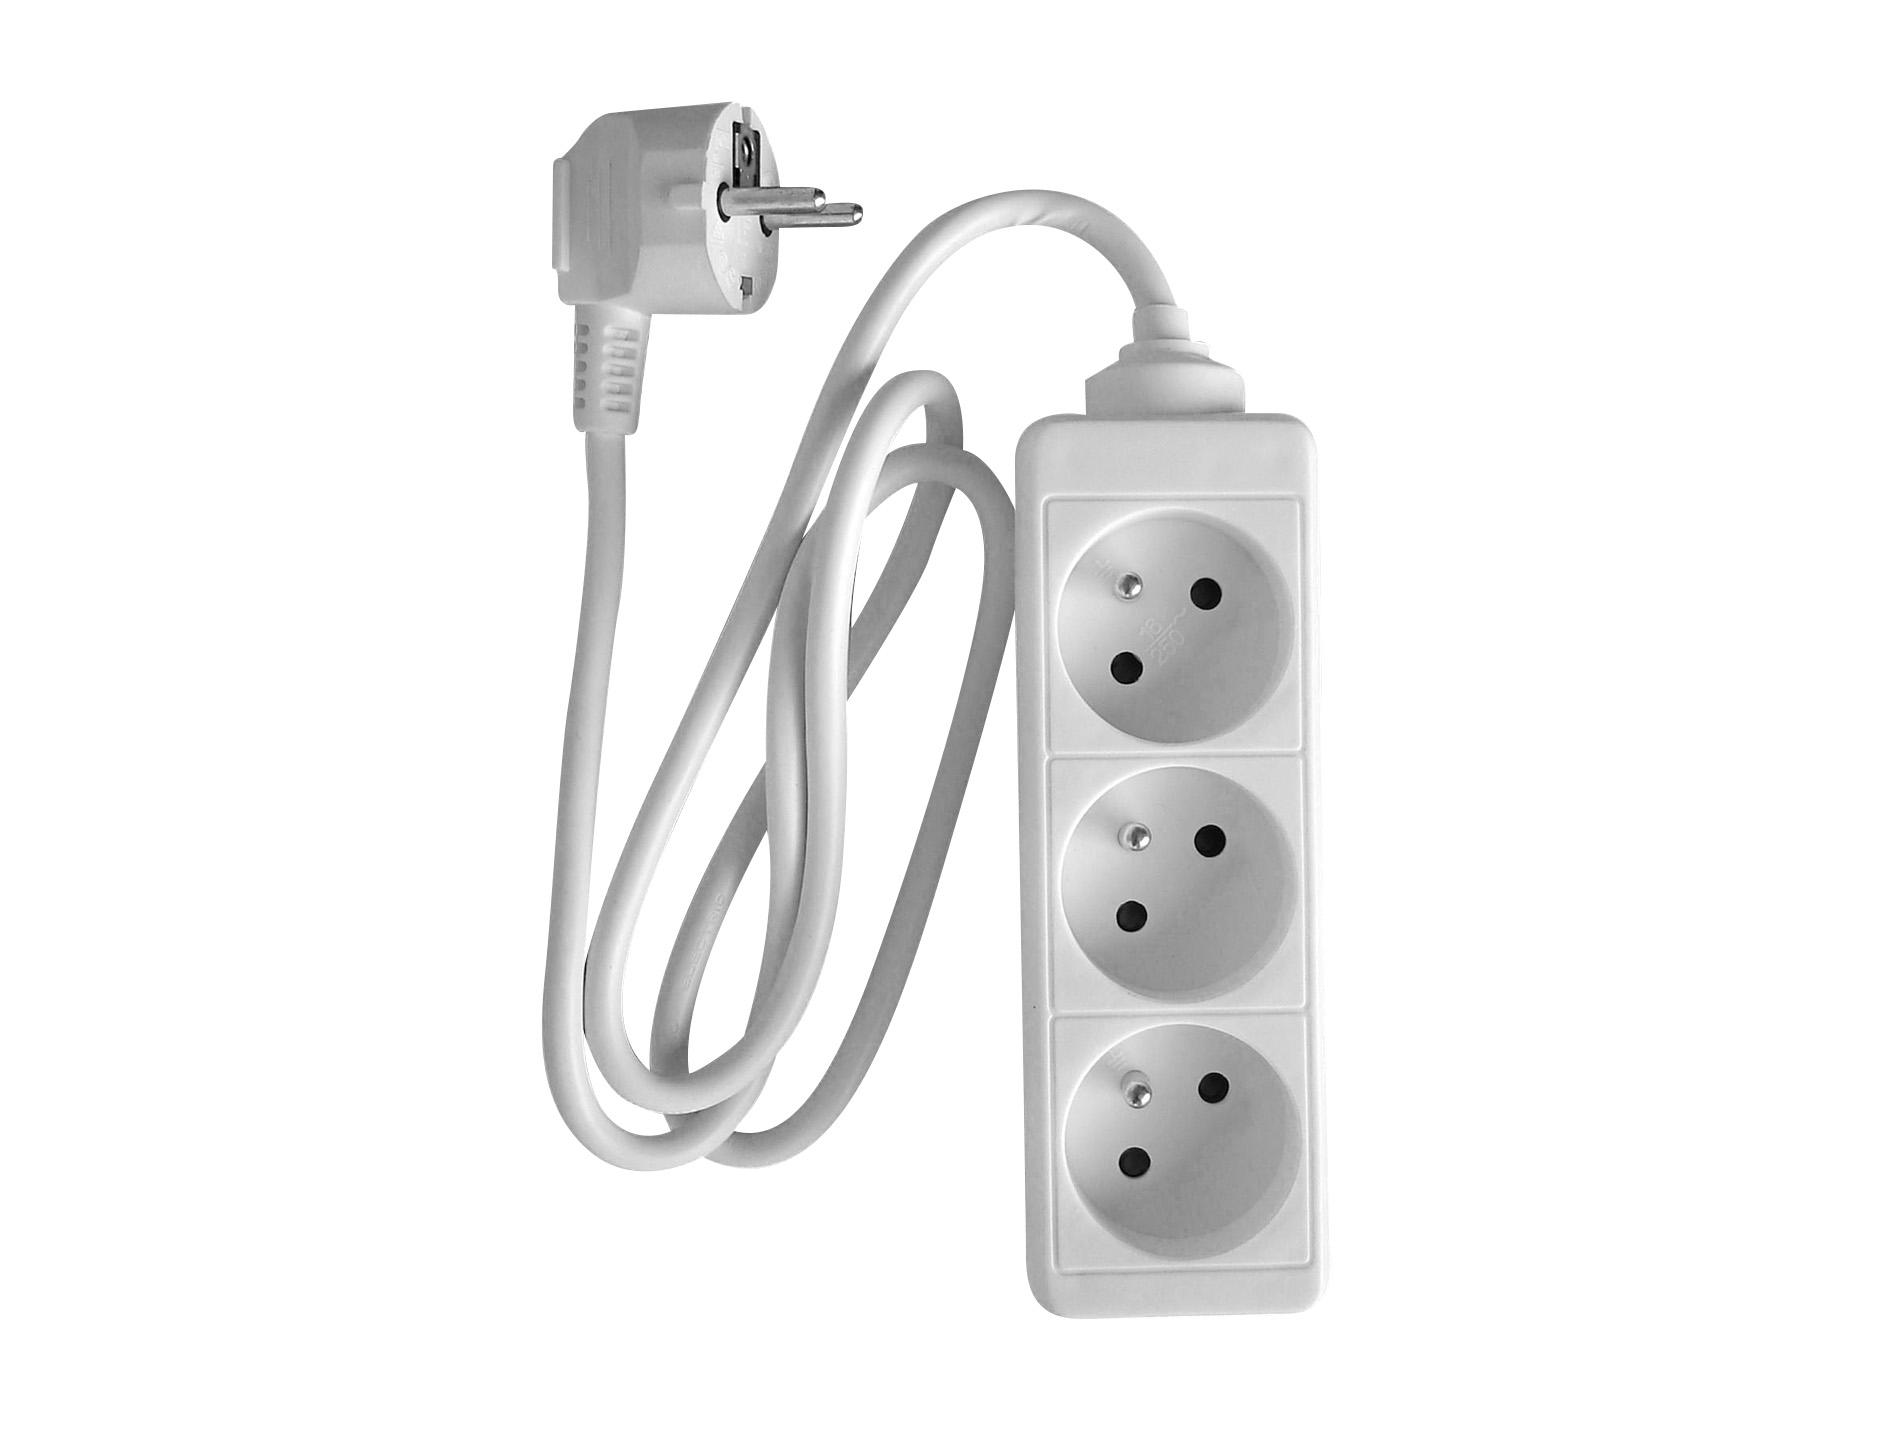 bloc 3 prises 16a blanc rallonge enrouleur fiche multiprise electricit et clairage. Black Bedroom Furniture Sets. Home Design Ideas